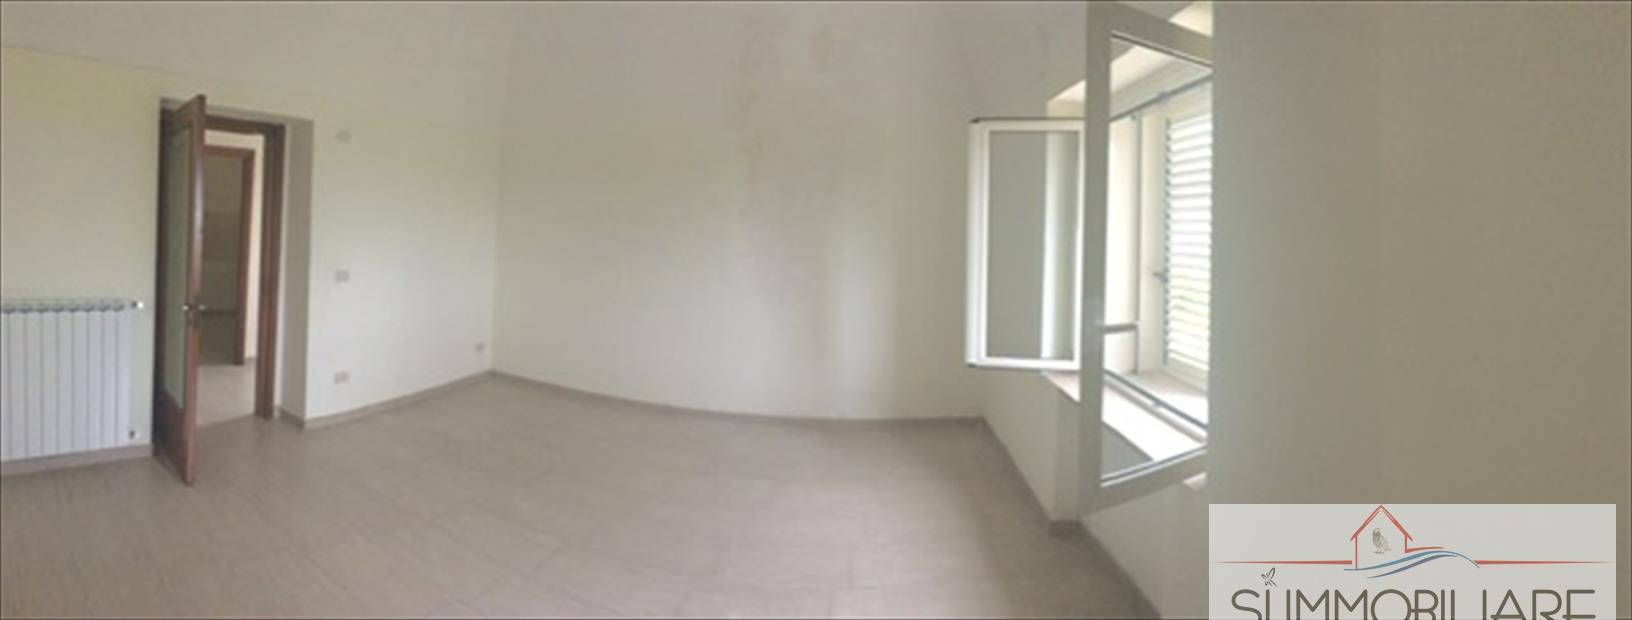 Appartamento in affitto a Ripa Teatina, 4 locali, prezzo € 450 | CambioCasa.it